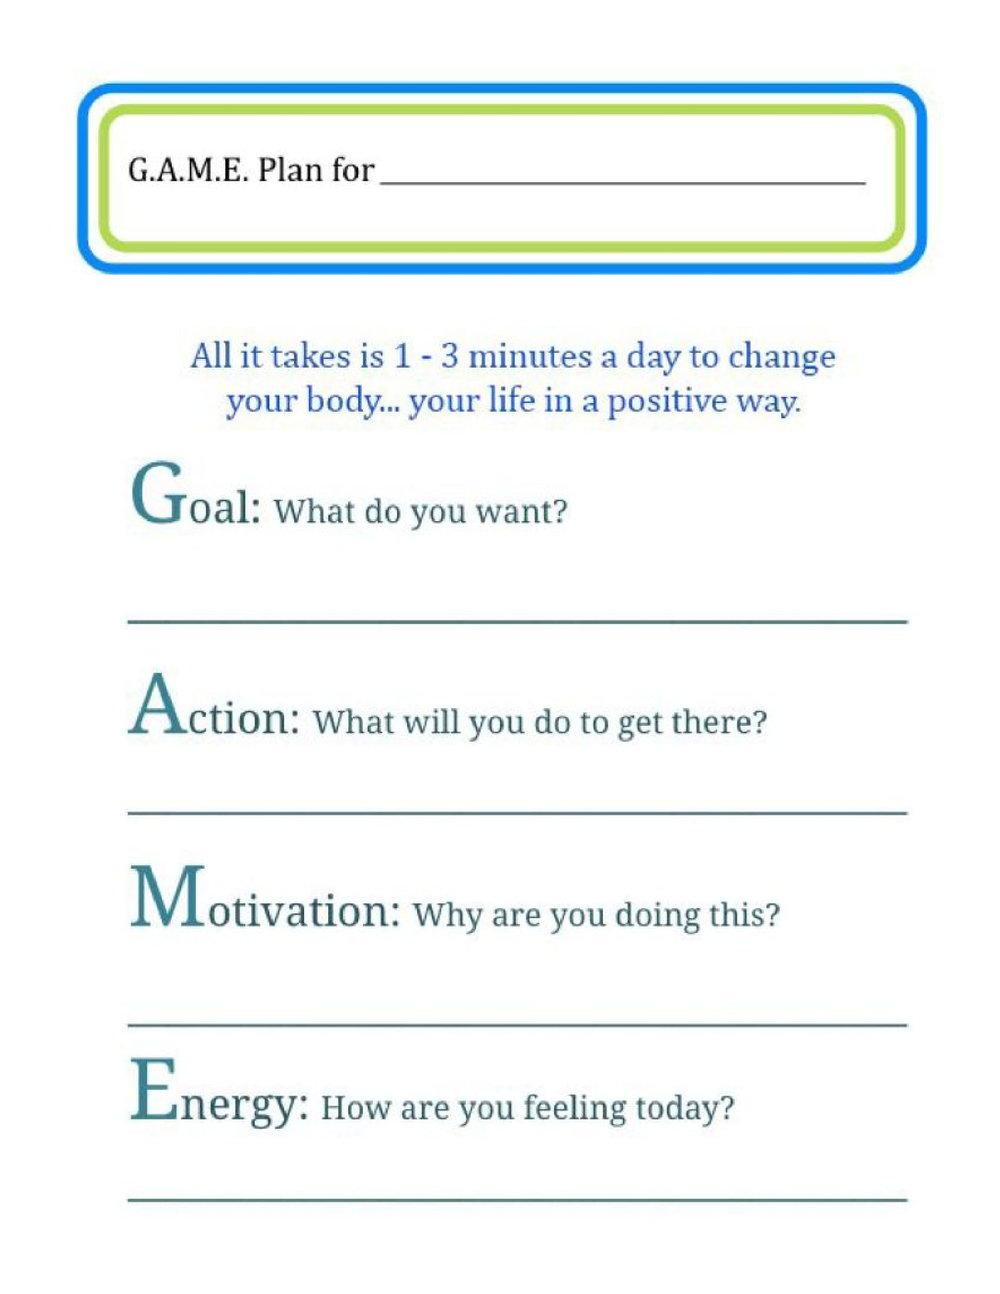 Copy of Game Plan Workbook (1)-1.jpg